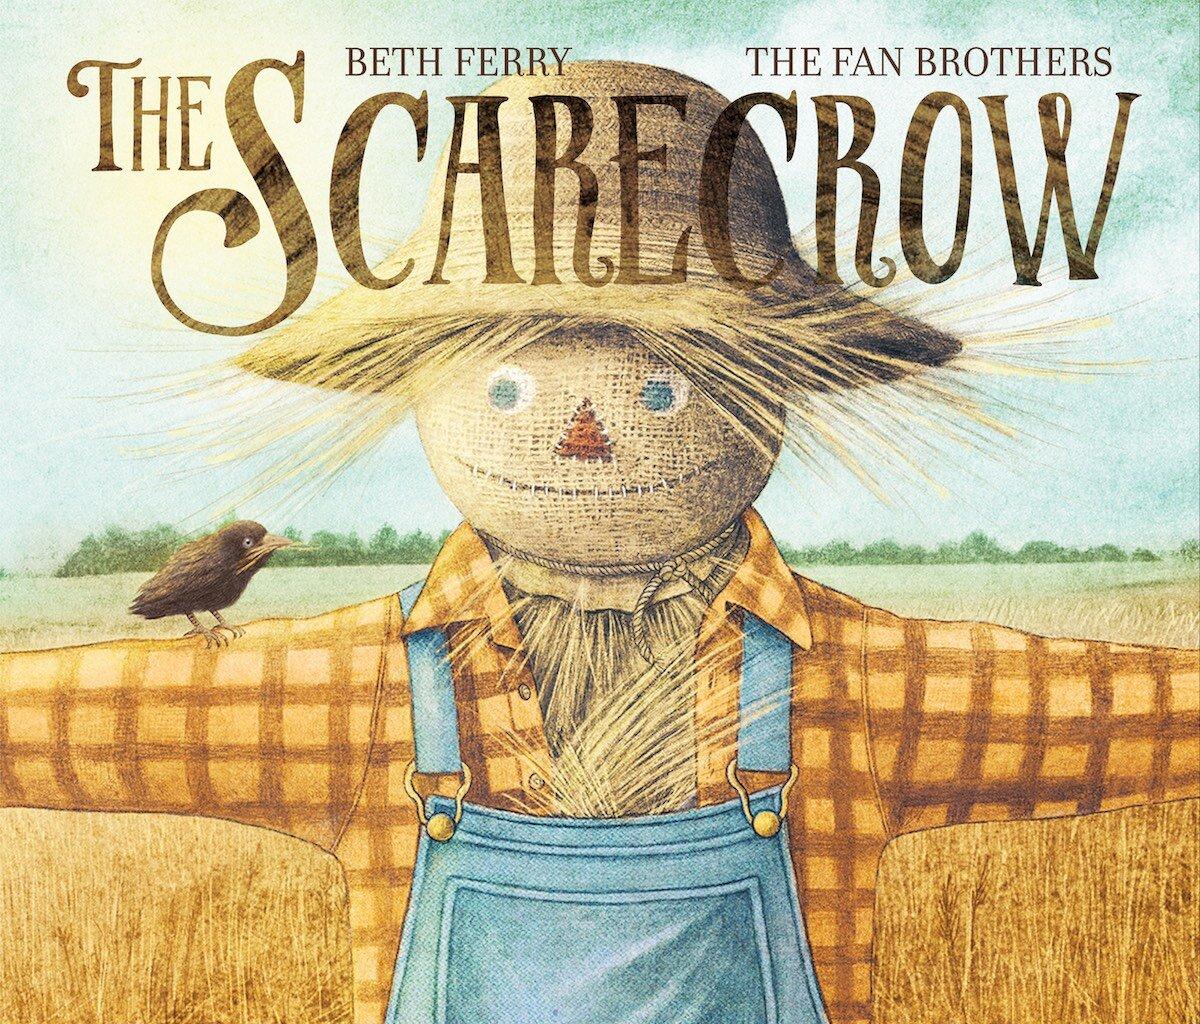 The Fabulous Scarecrow an original 5x5 painting